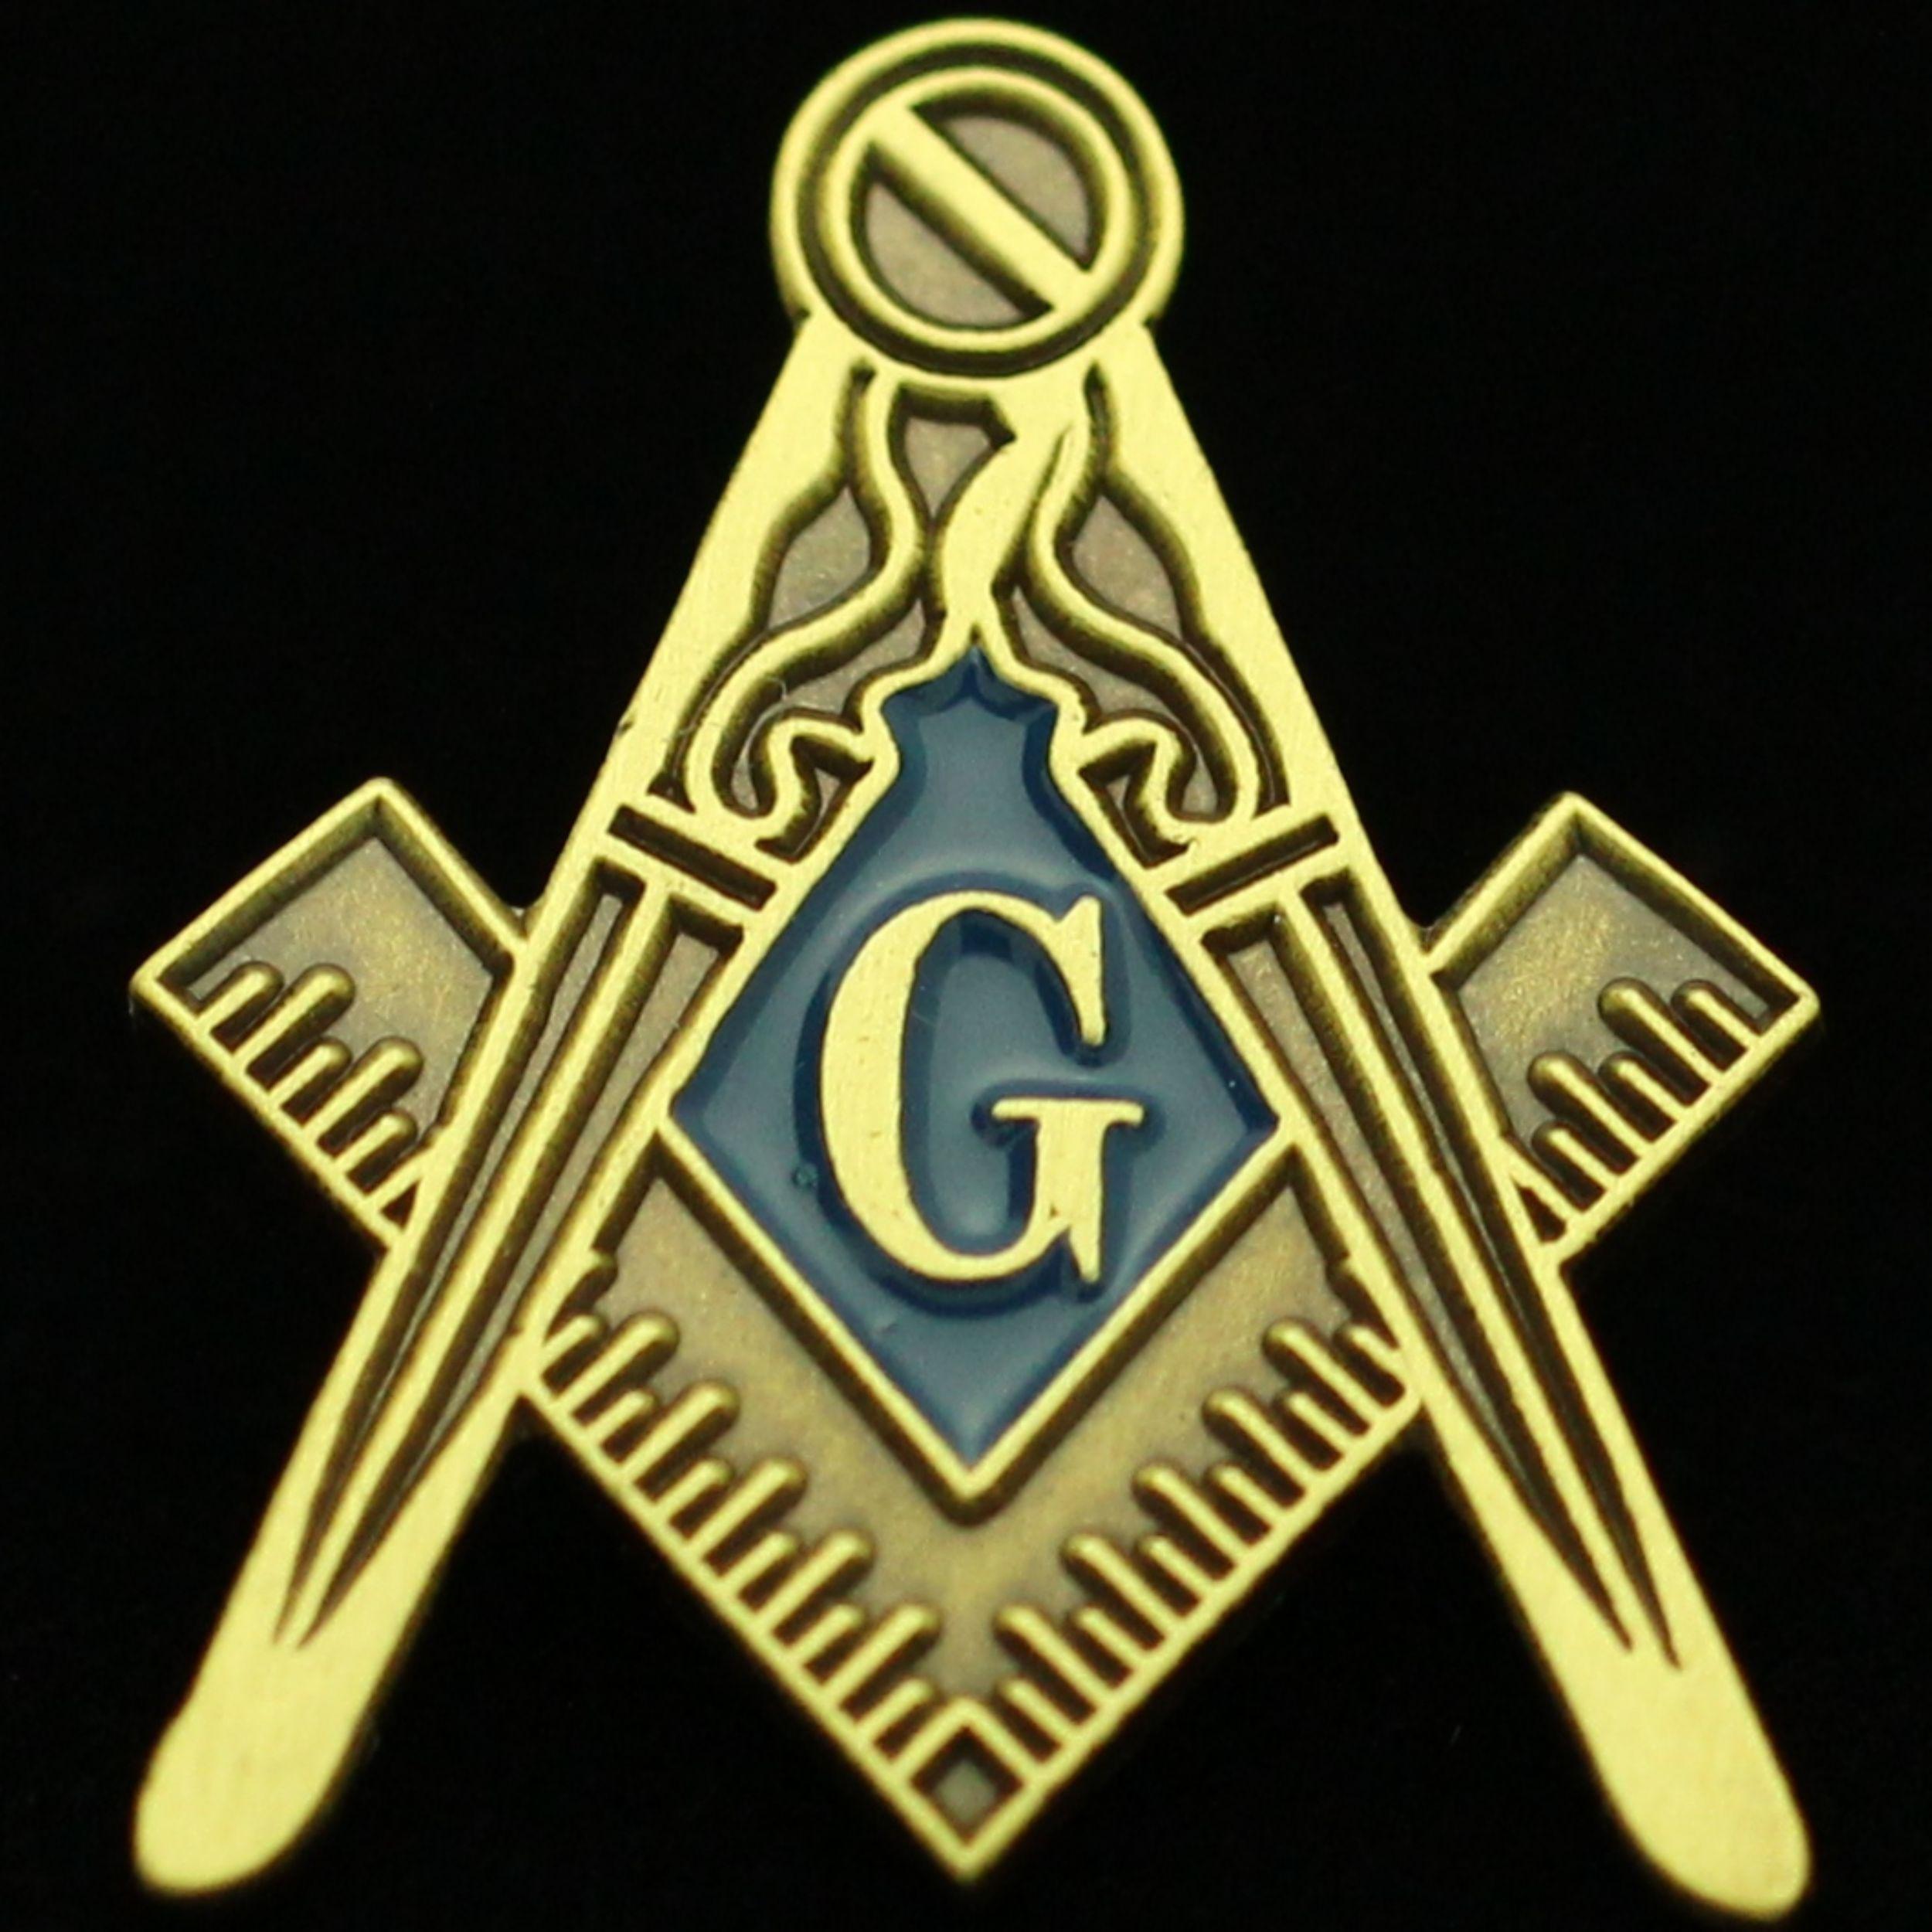 La Gran Logia Unida de Inglaterray otros importantes Orientes se encuentran celebrandolos 301 años de la masonería moderna